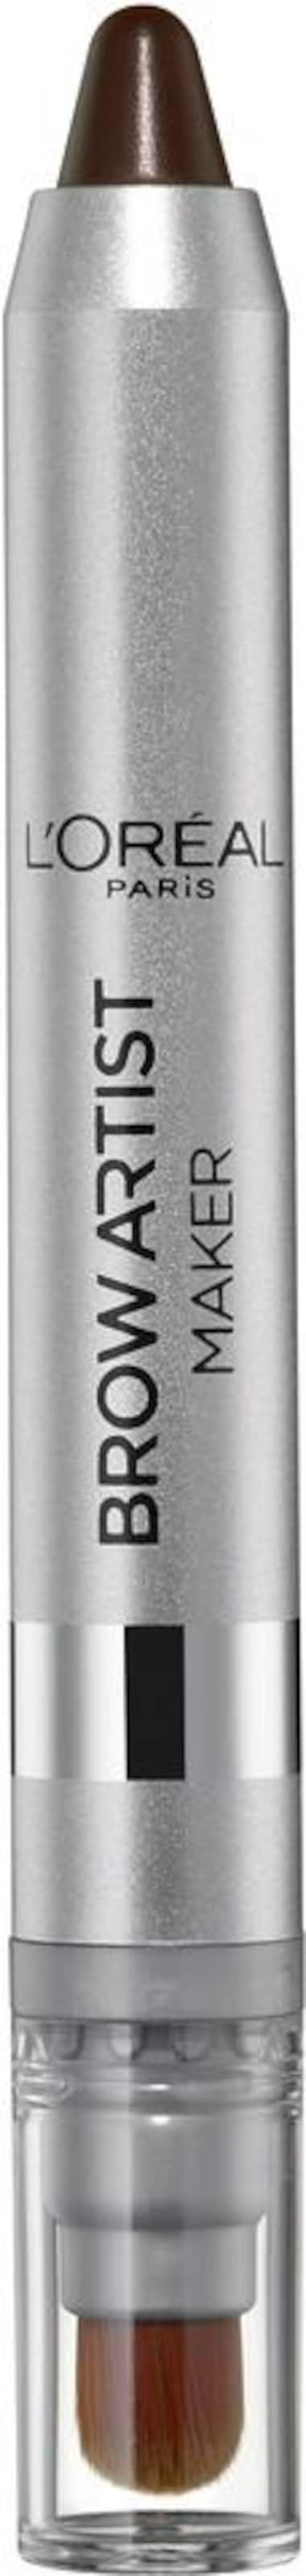 L'Oréal Paris 'Brow Artist Maker', Augenbrauenstift